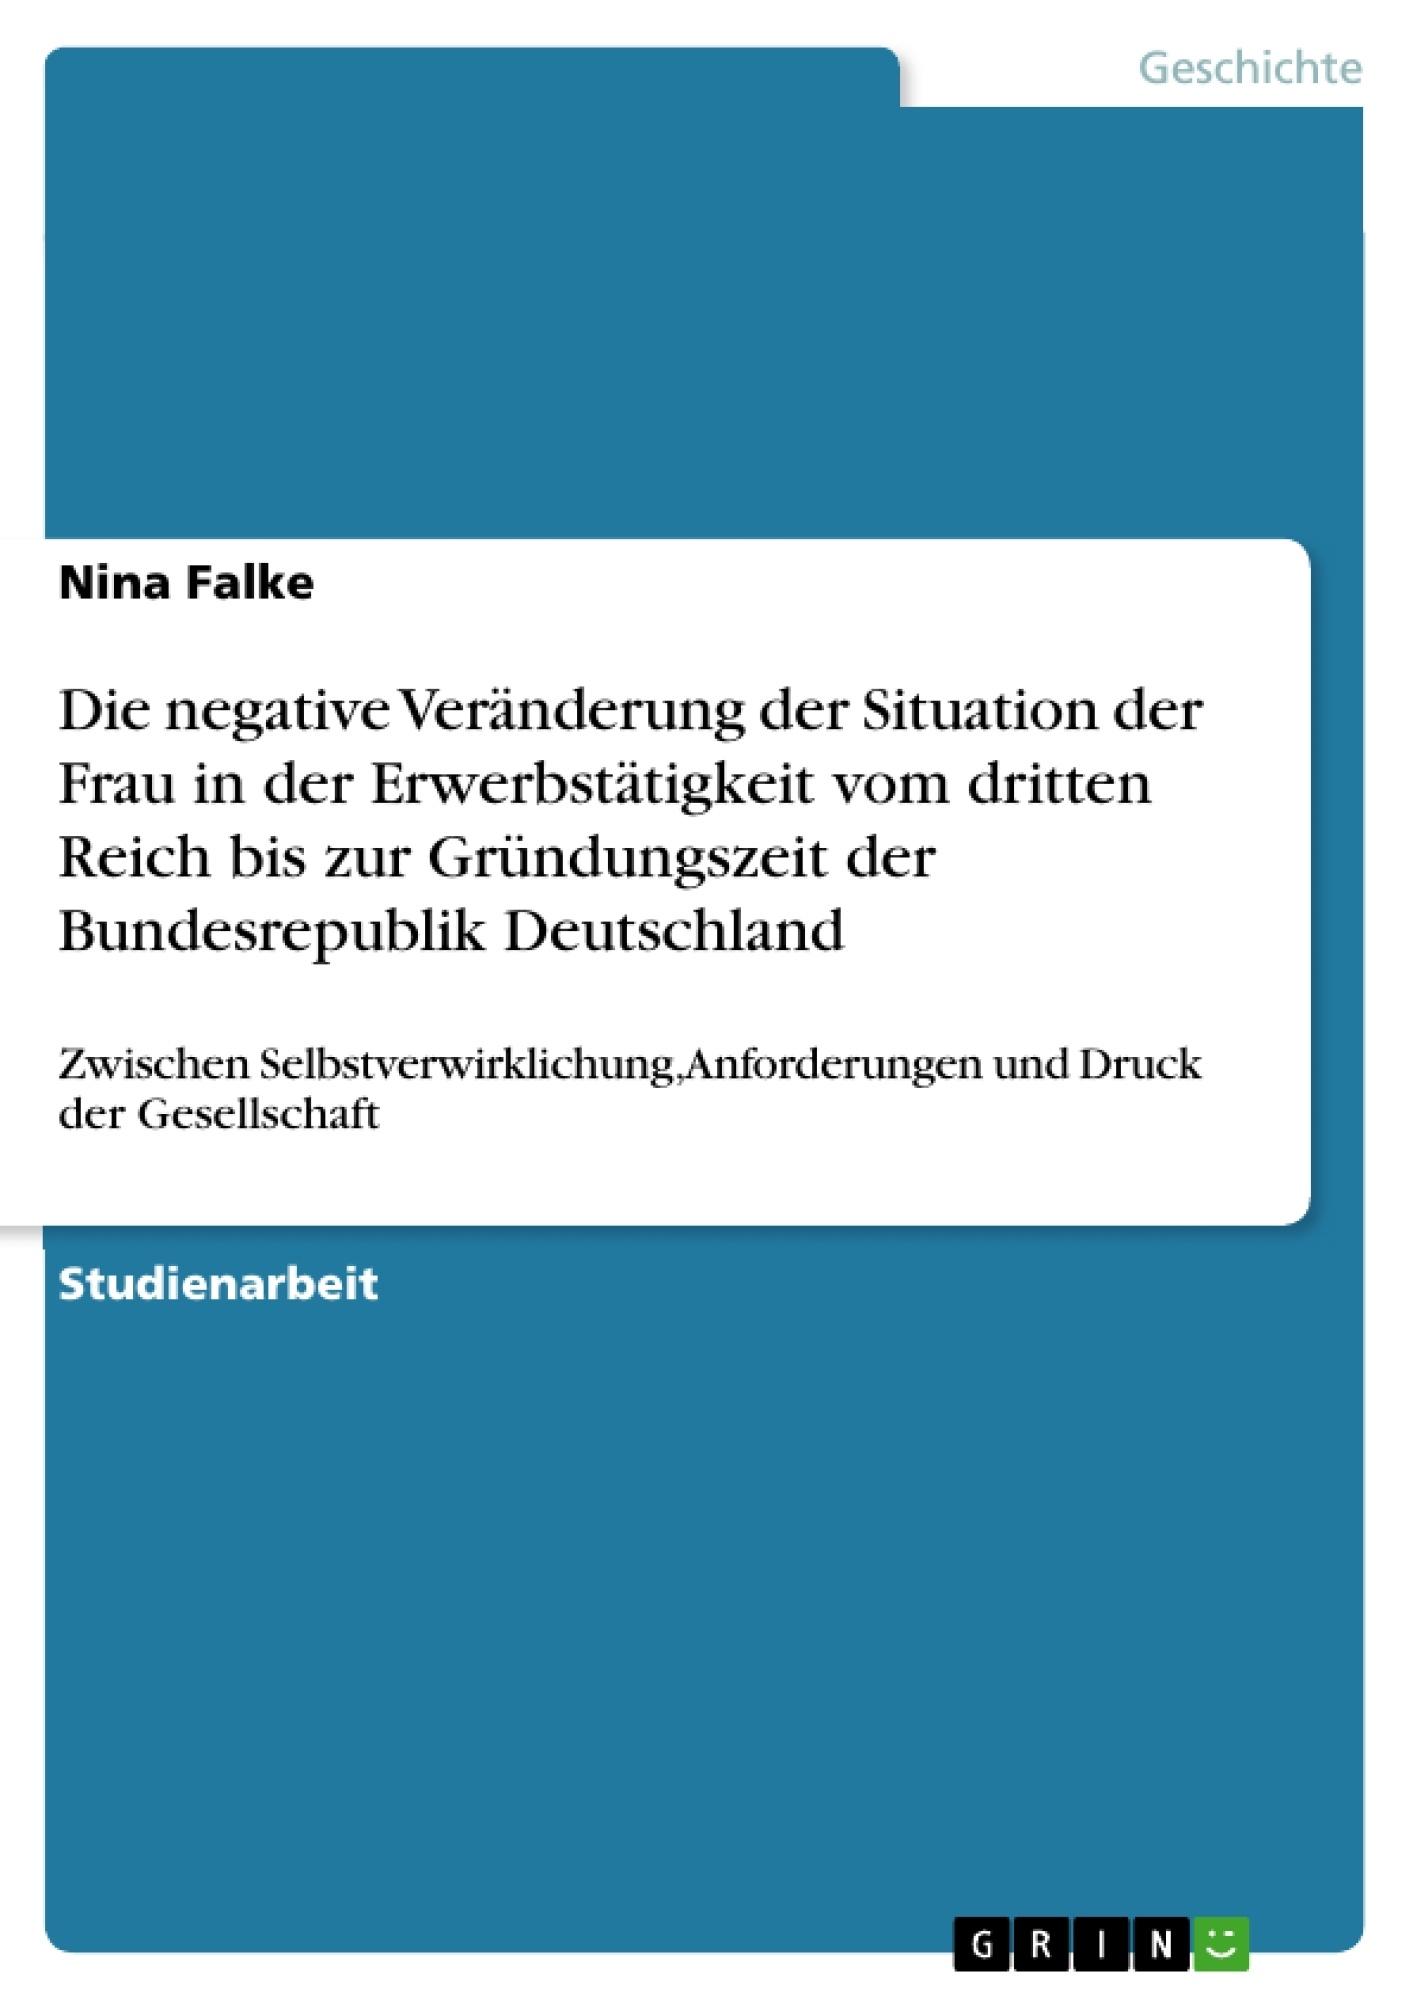 Titel: Die negative Veränderung der Situation der Frau in der Erwerbstätigkeit vom dritten Reich bis zur Gründungszeit der Bundesrepublik Deutschland